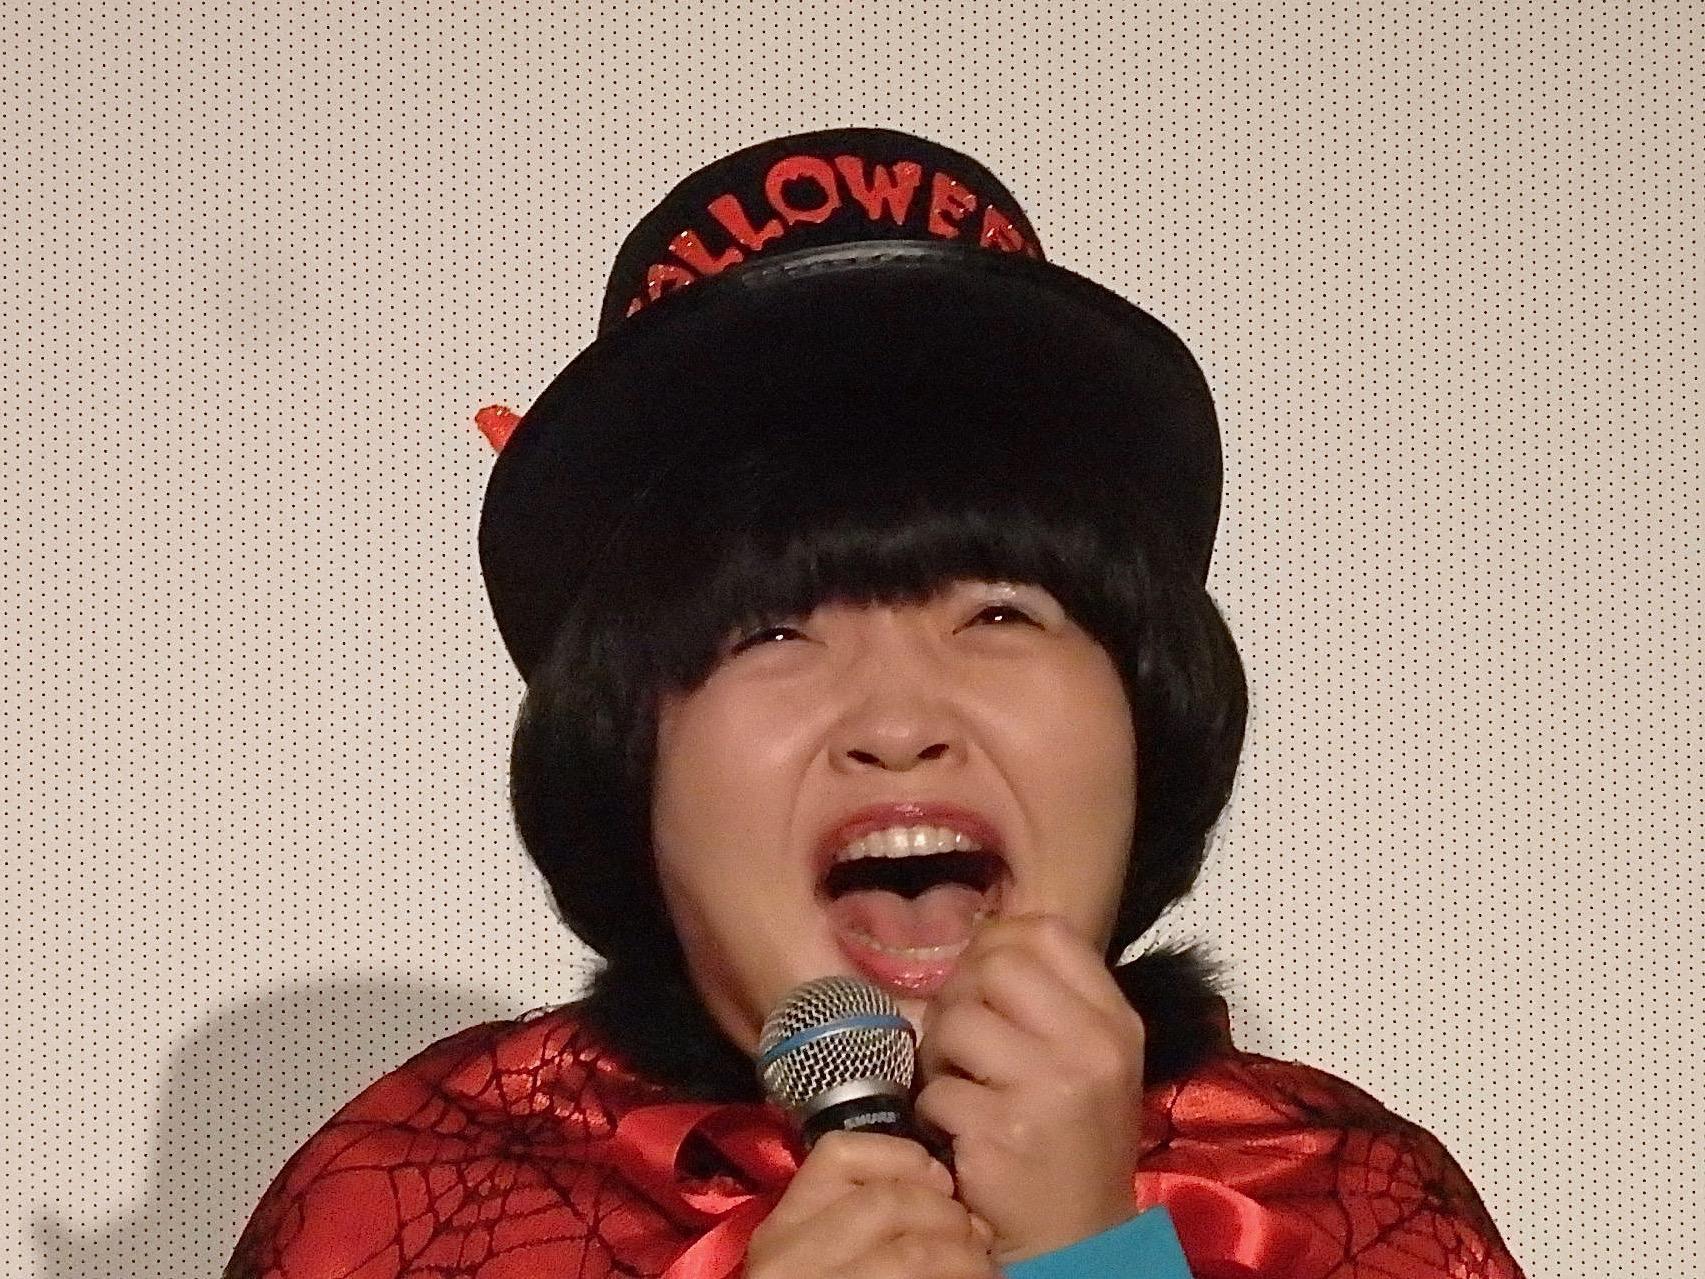 http://news.yoshimoto.co.jp/20181030153124-799c99521d91fe6c4371dbcdaa2cce8dcbb8a849.jpg